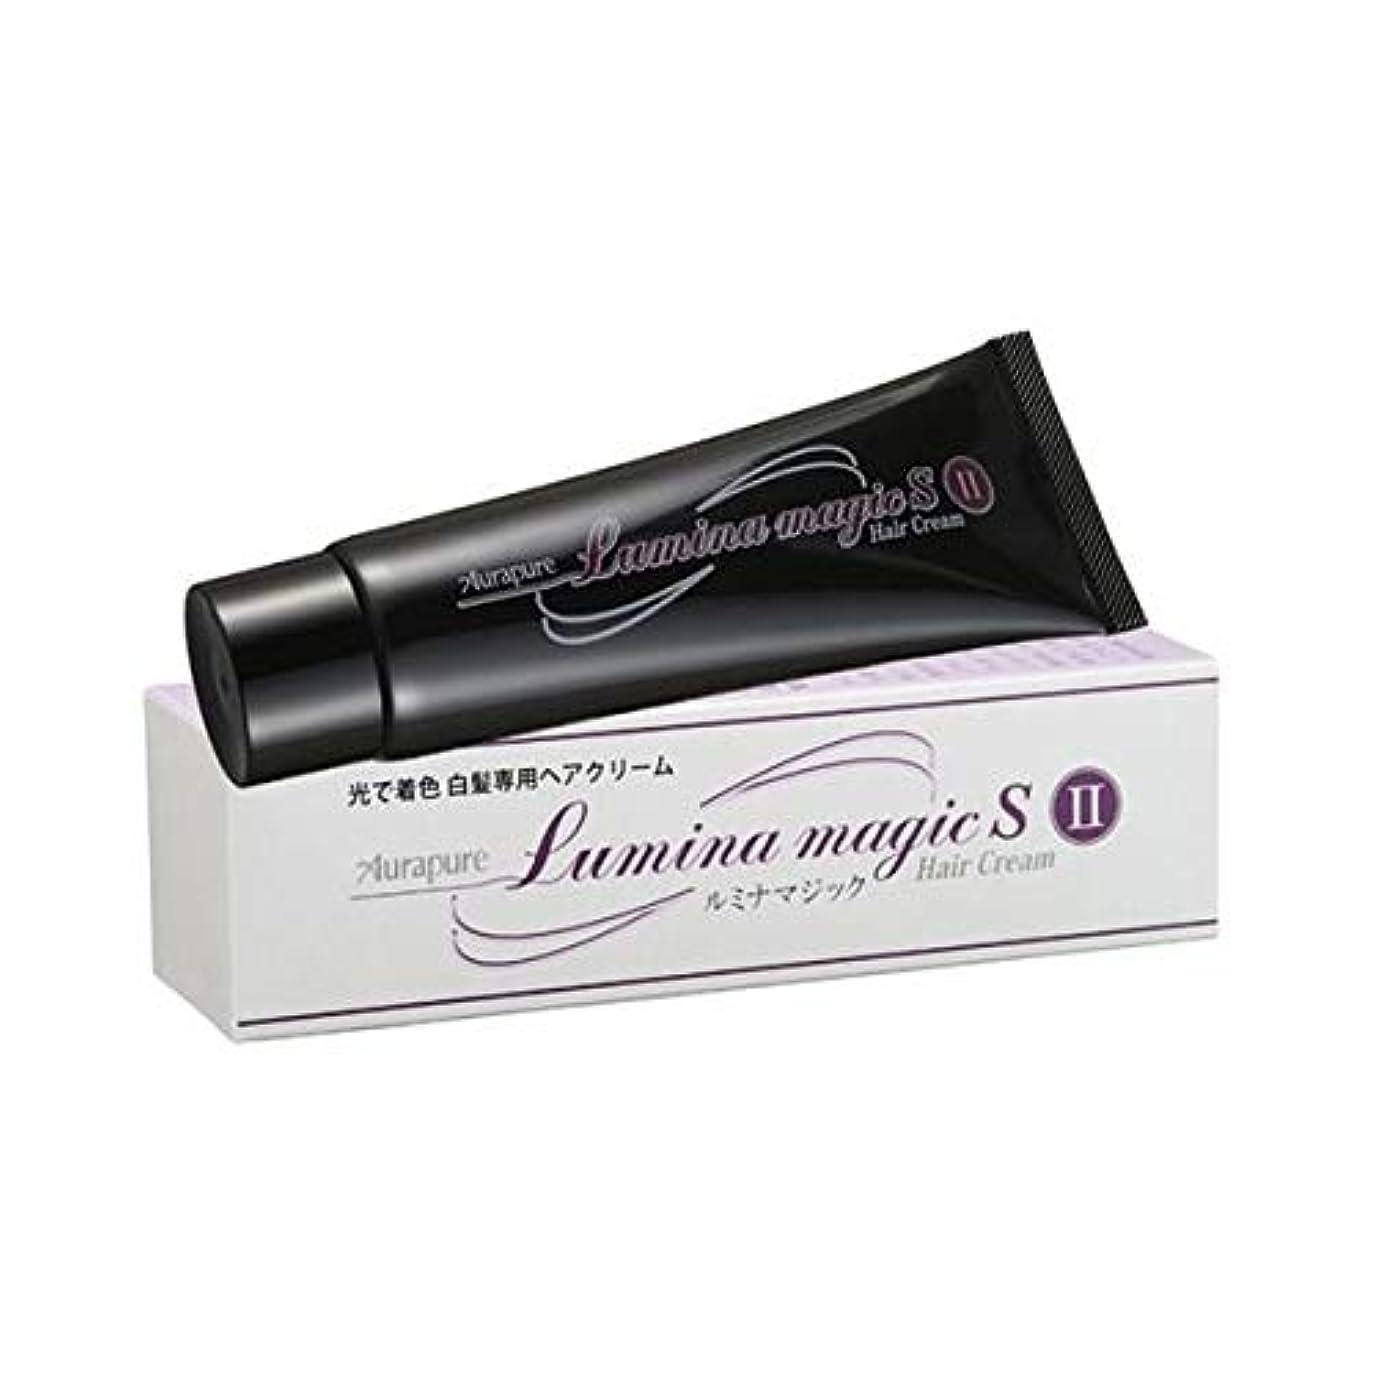 ハングリングレットパケット【3個セット】 光で染まる白髪染め ルミナマジック SII 75g